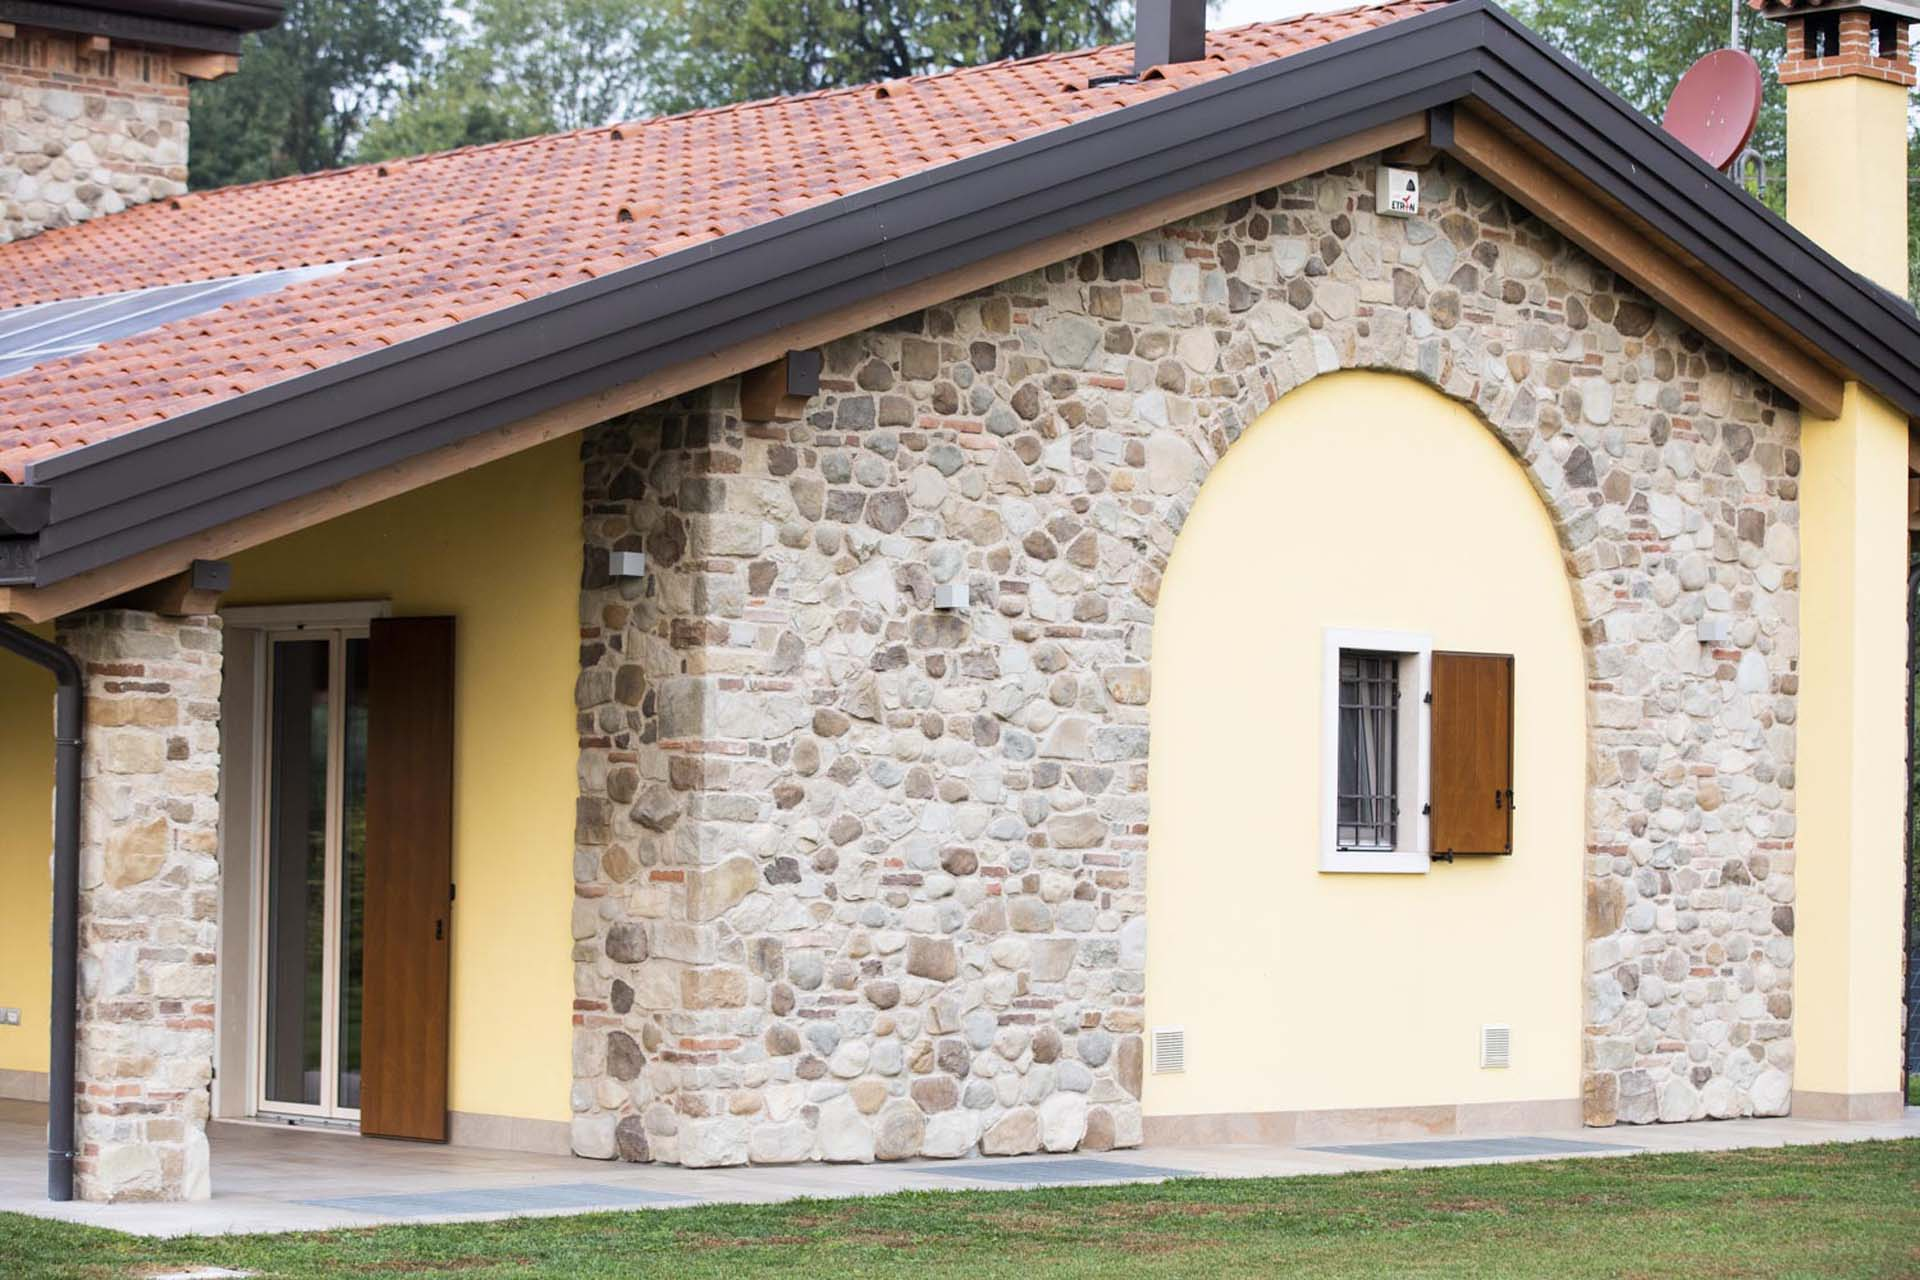 <b>foto interna, servizi – finiture interne in legno massiccio d'abete</b>